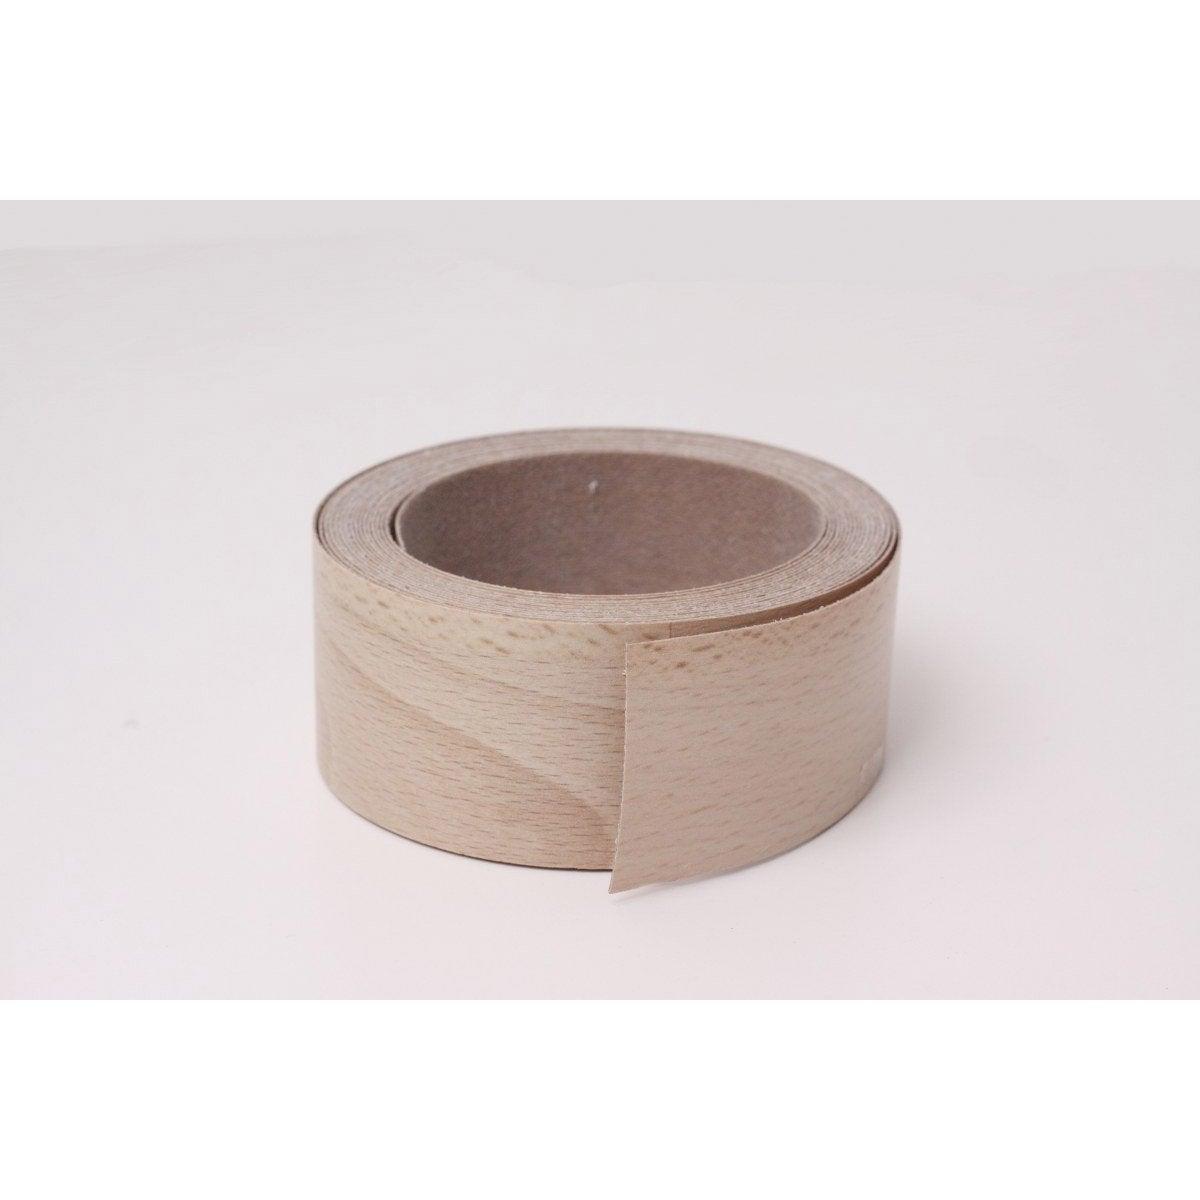 trendy affordable chant de plan de travail stratifi effet htre lamell with plan de travail. Black Bedroom Furniture Sets. Home Design Ideas